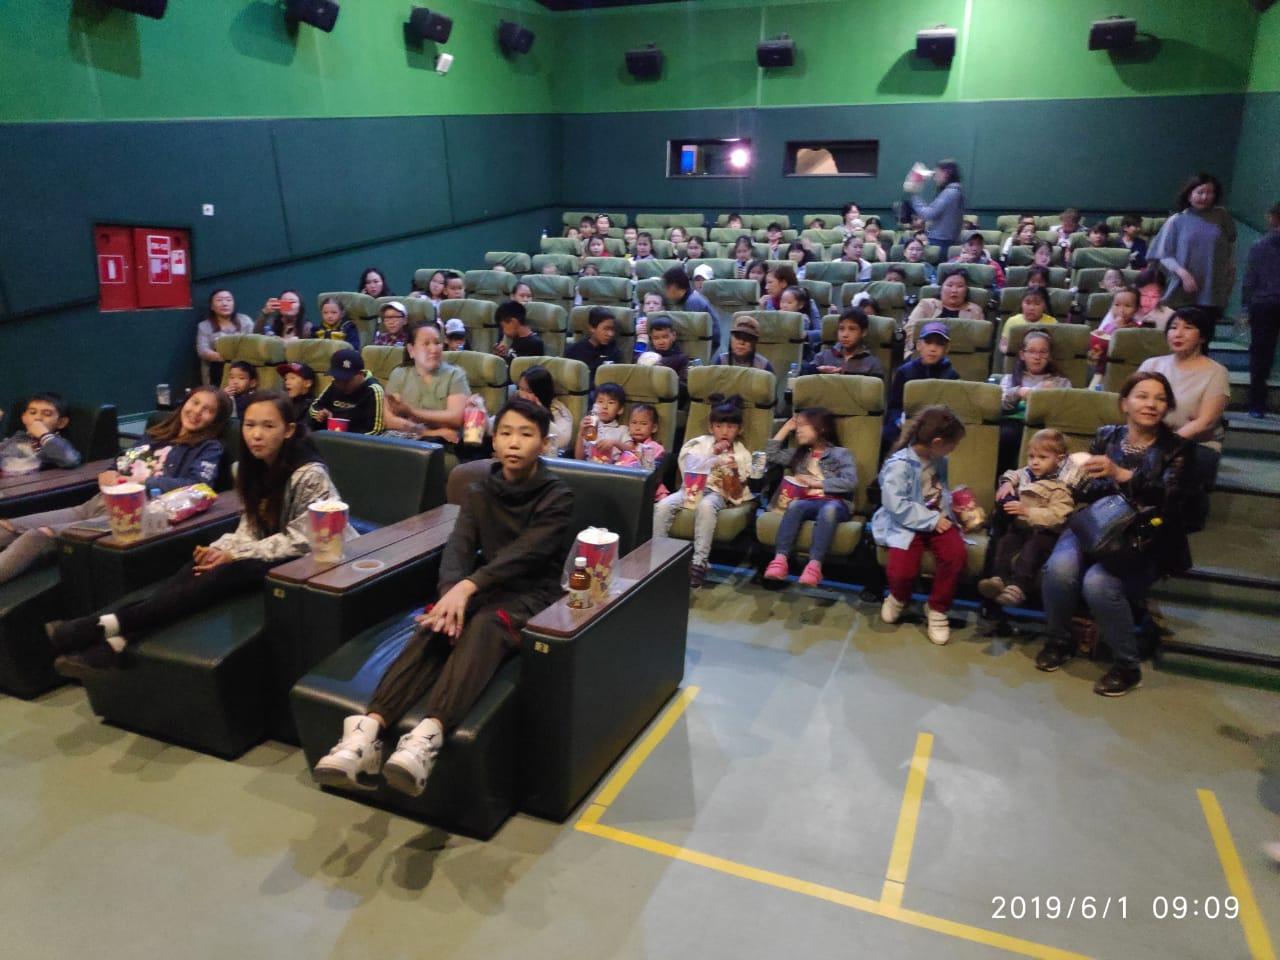 В Якутске детям из малообеспеченных семей и семей, оказавшихся в трудной жизненной ситуации, показали фильм «Алладин»